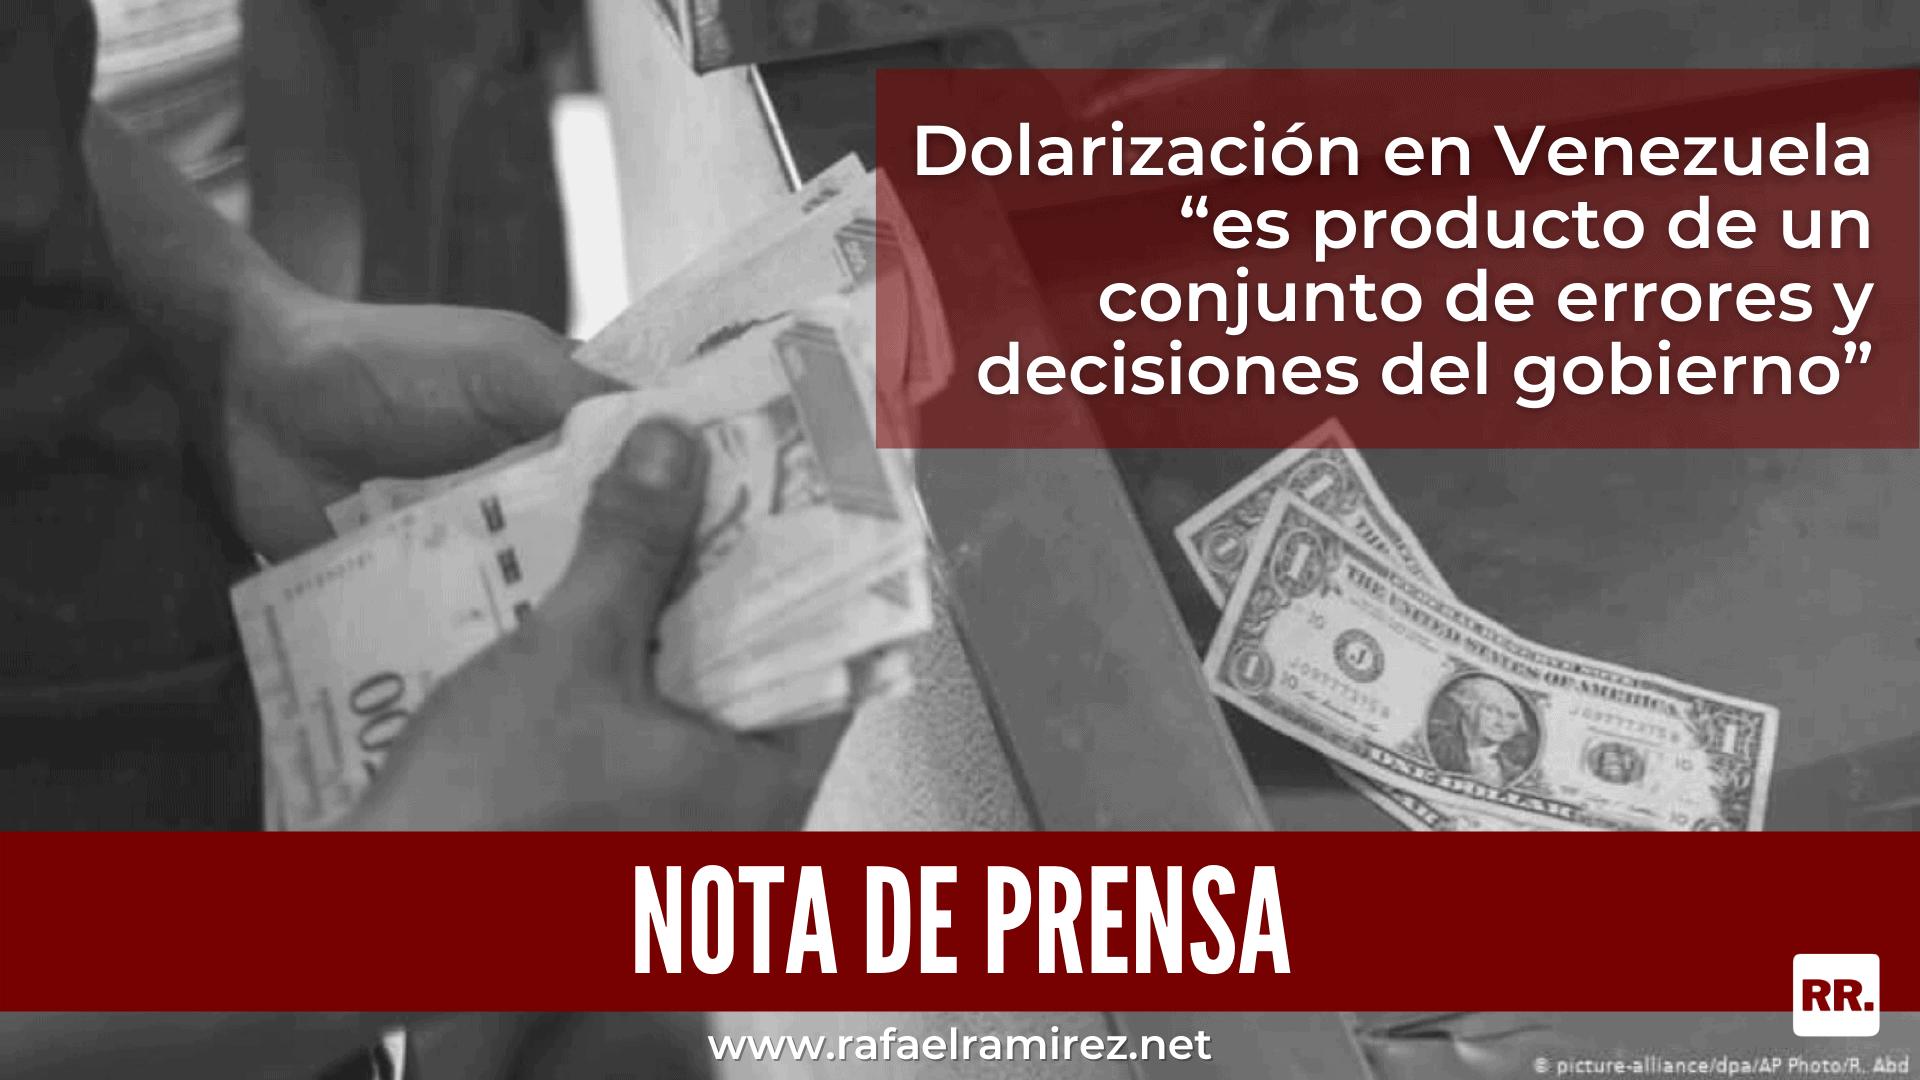 """Dolarización en Venezuela """"es producto de un conjunto de errores y decisiones del gobierno"""""""